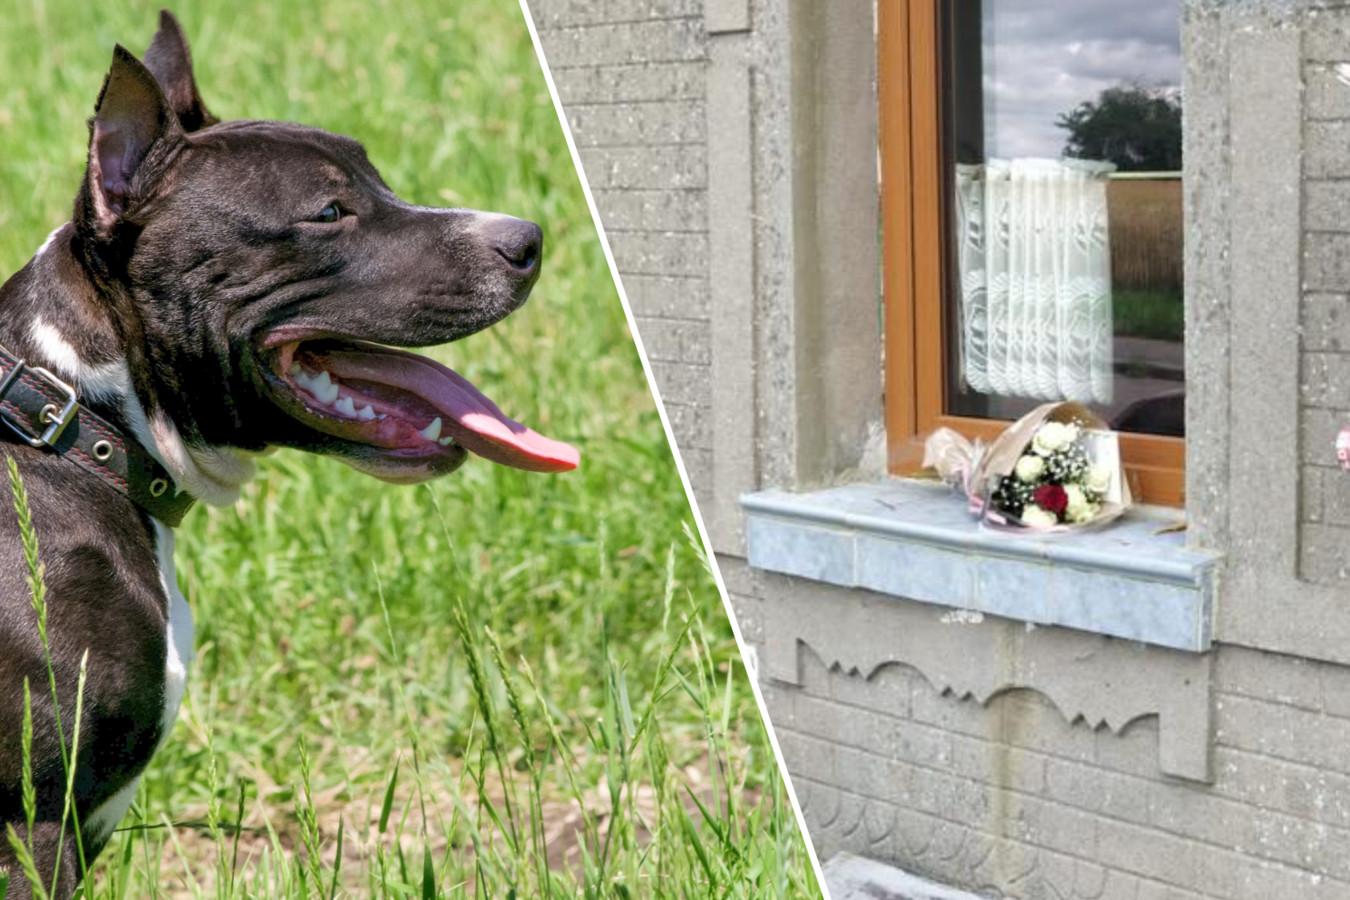 Een American Staffordshire Terrier, niet de hond die het meisje heeft doodgebeten. Rechts: iemand heeft bloemen achtergelaten op de vensterbank van het huis waar het drama zich afspeelde.